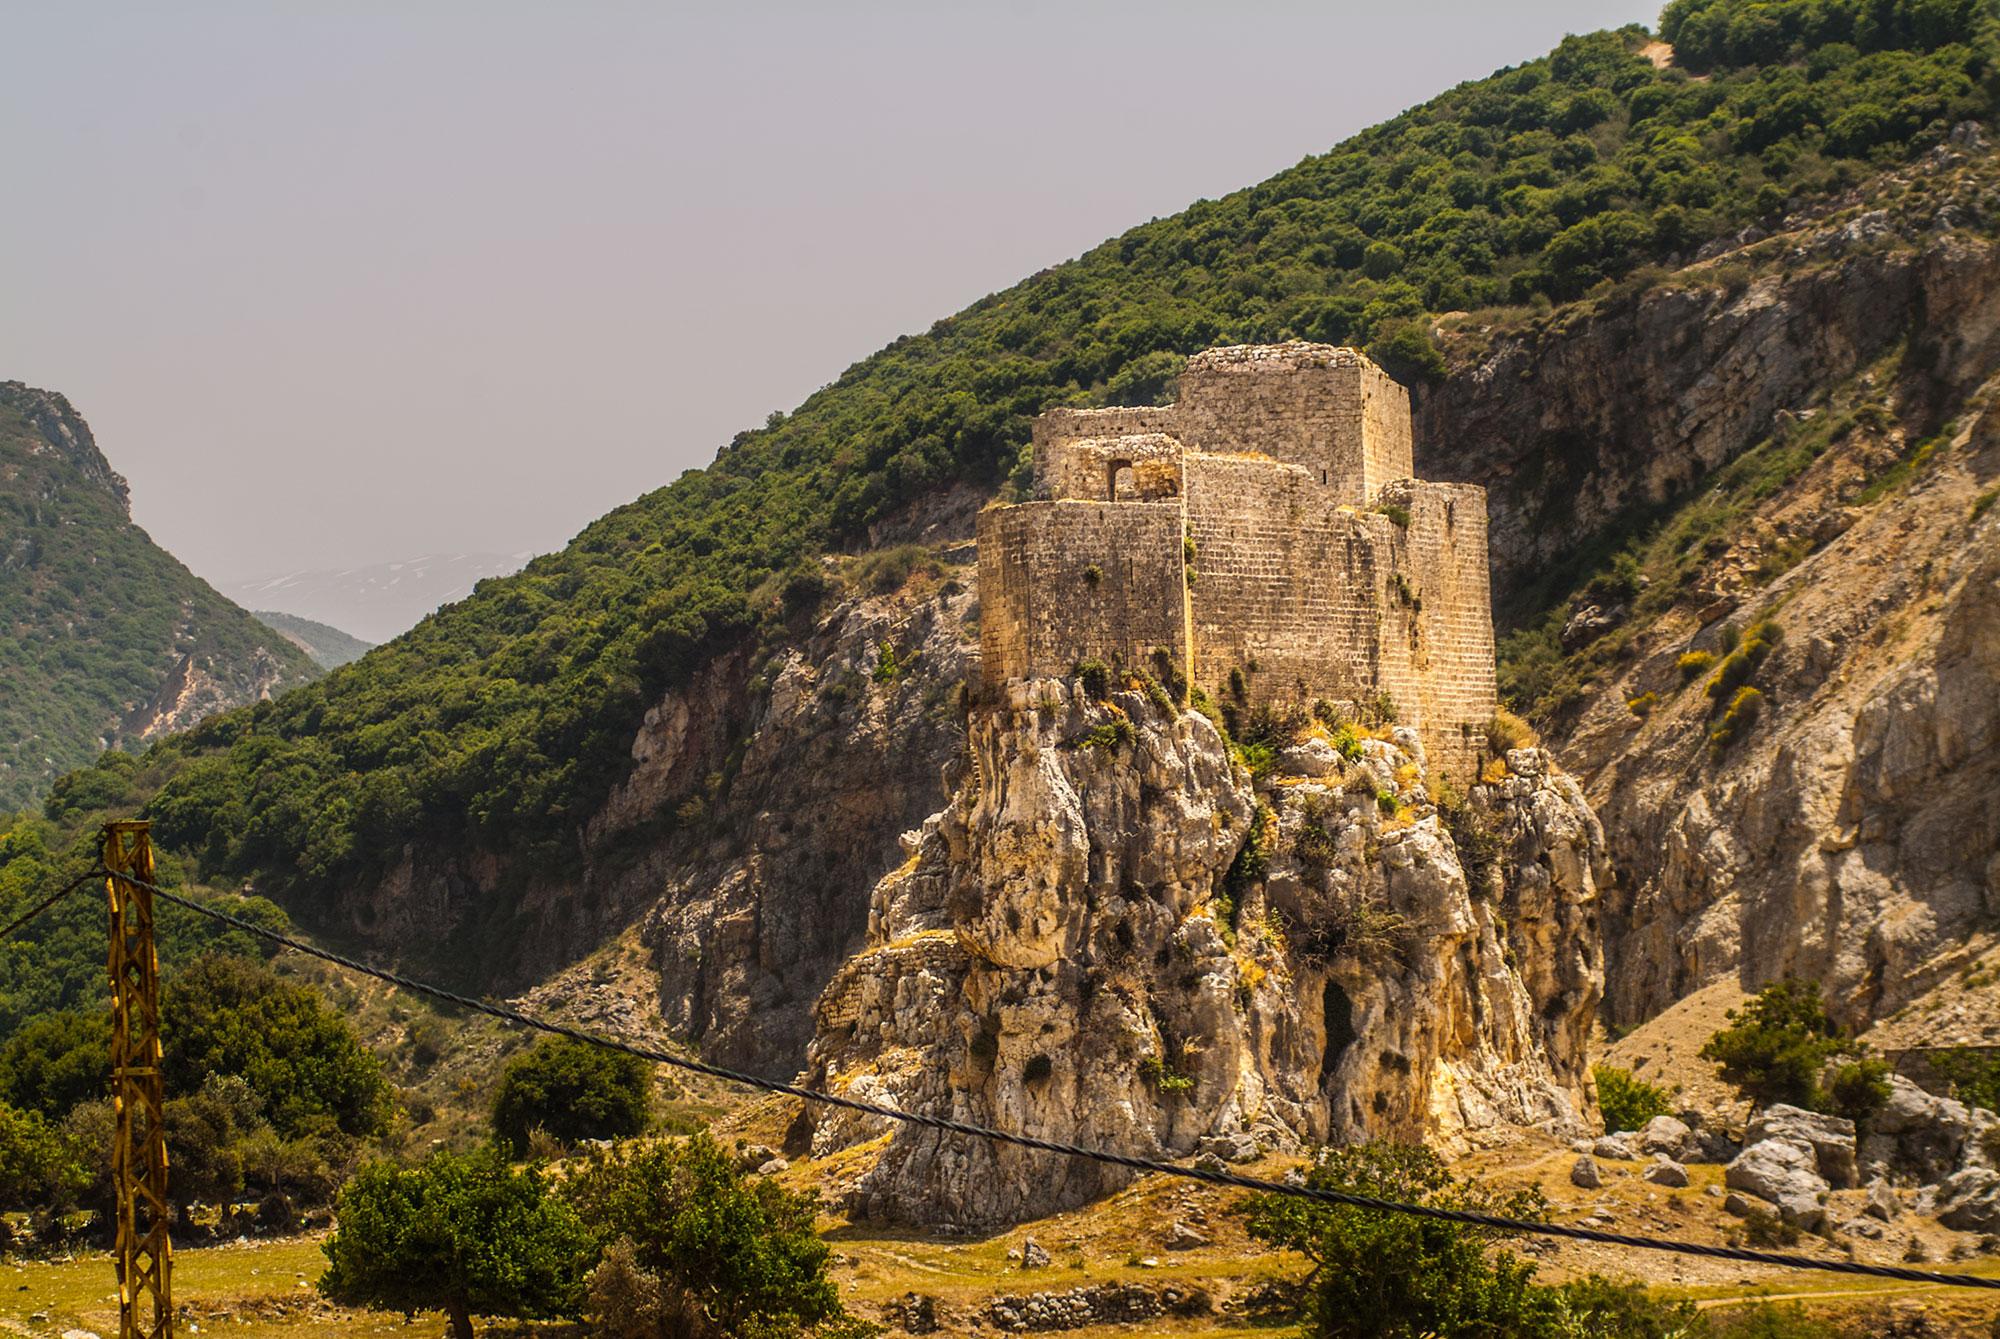 Crusader Castle in lebanon. korsridderborg i Libanon.